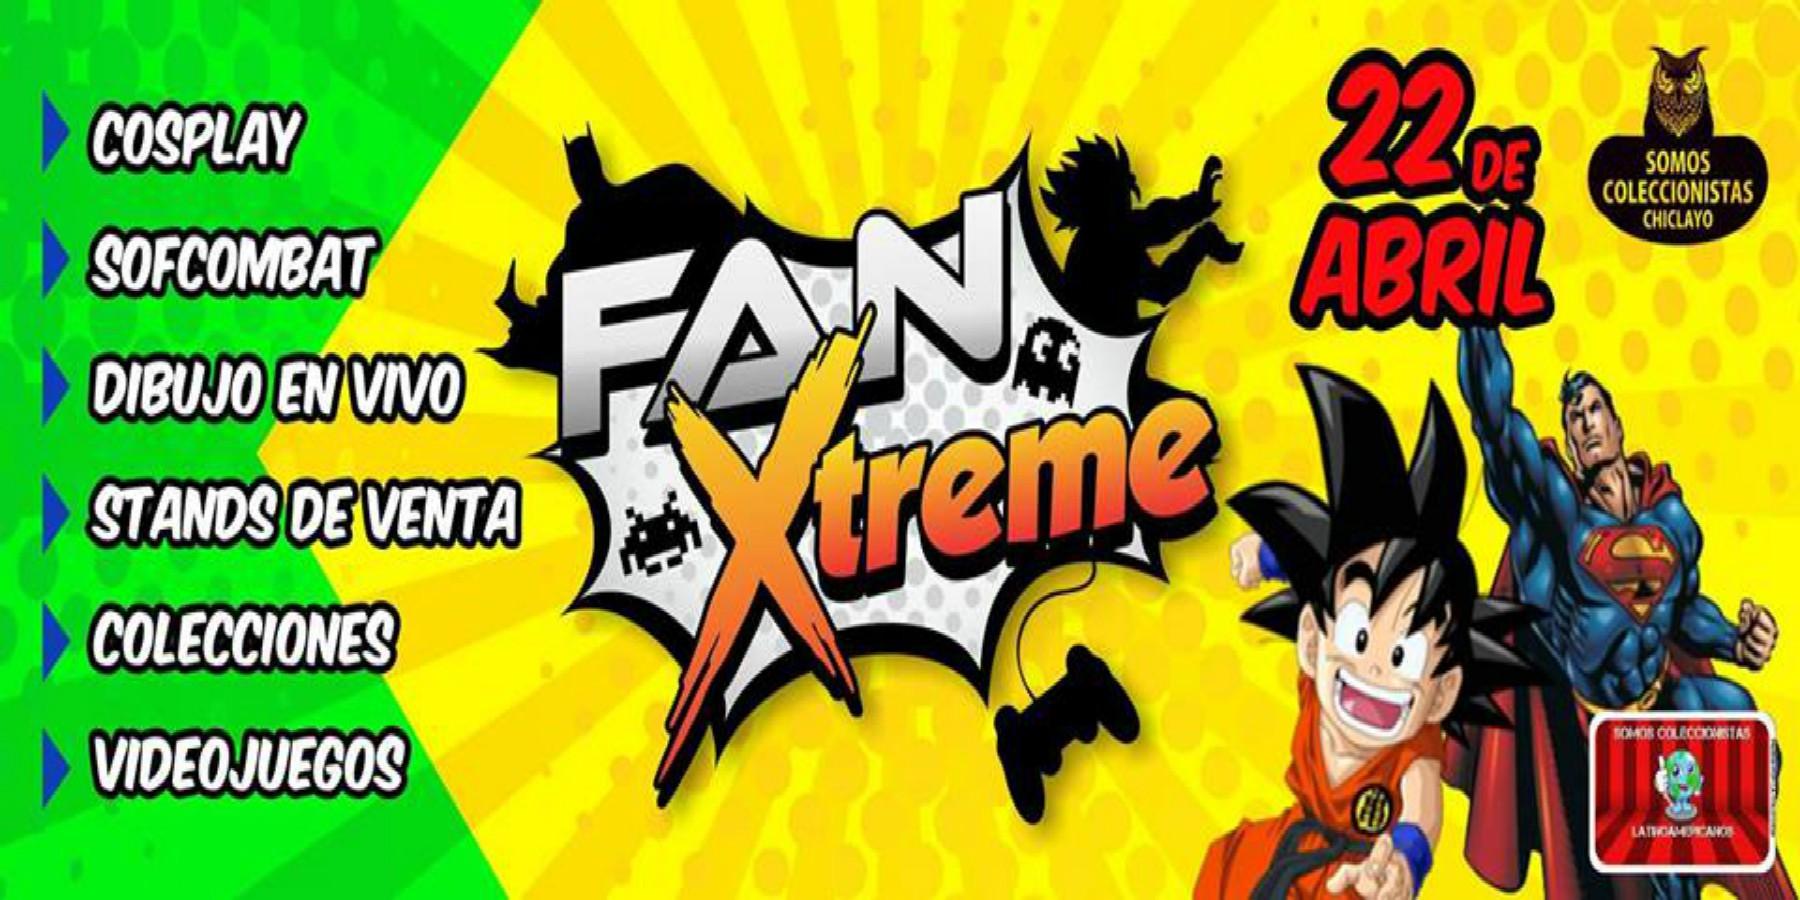 Fan Xtreme | 22 de abril en Chiclayo